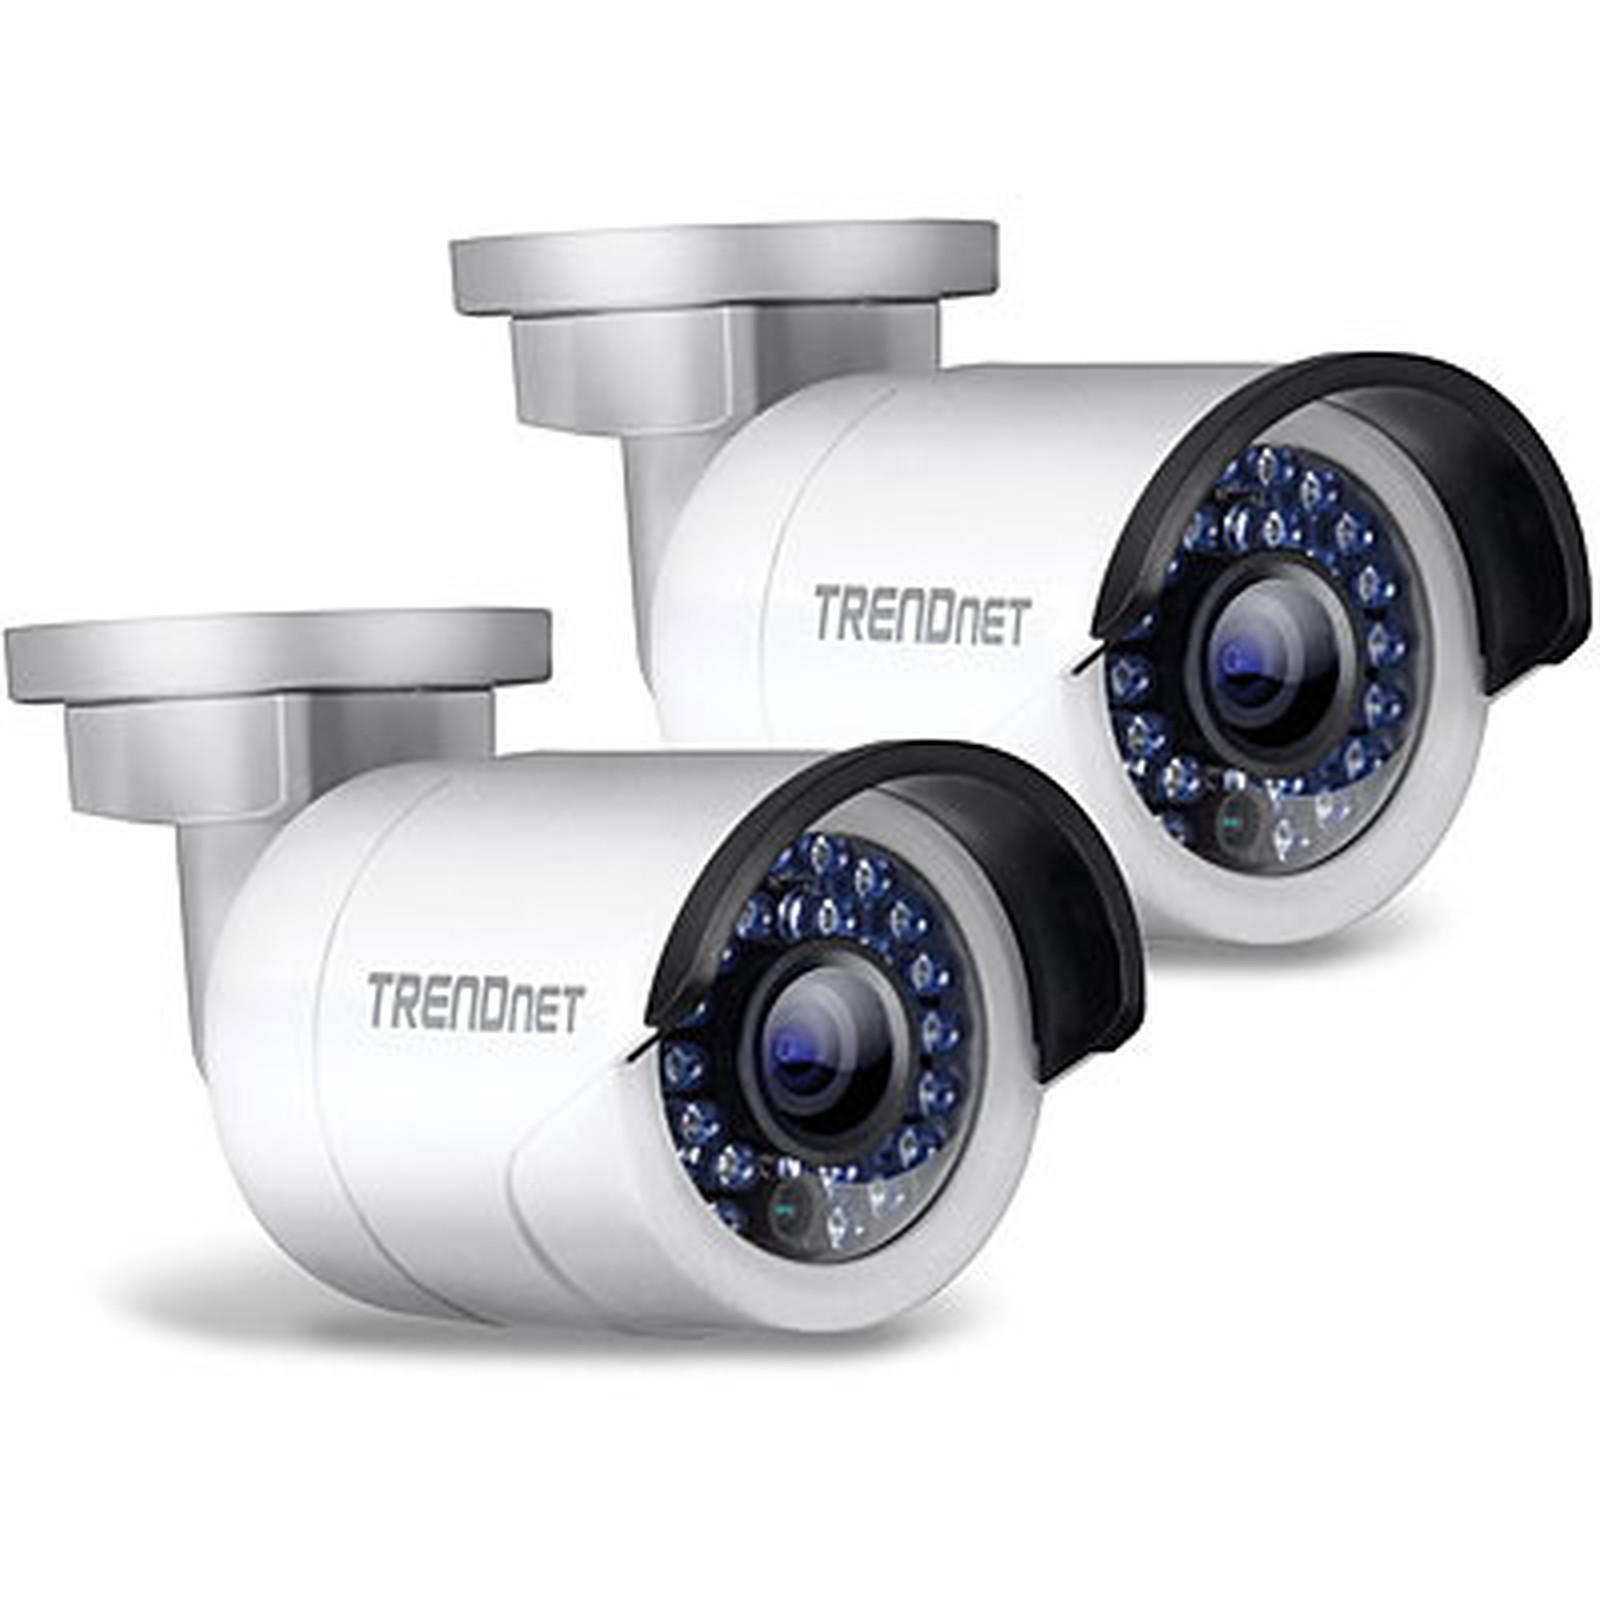 TRENDnet TV-IP320PI2K